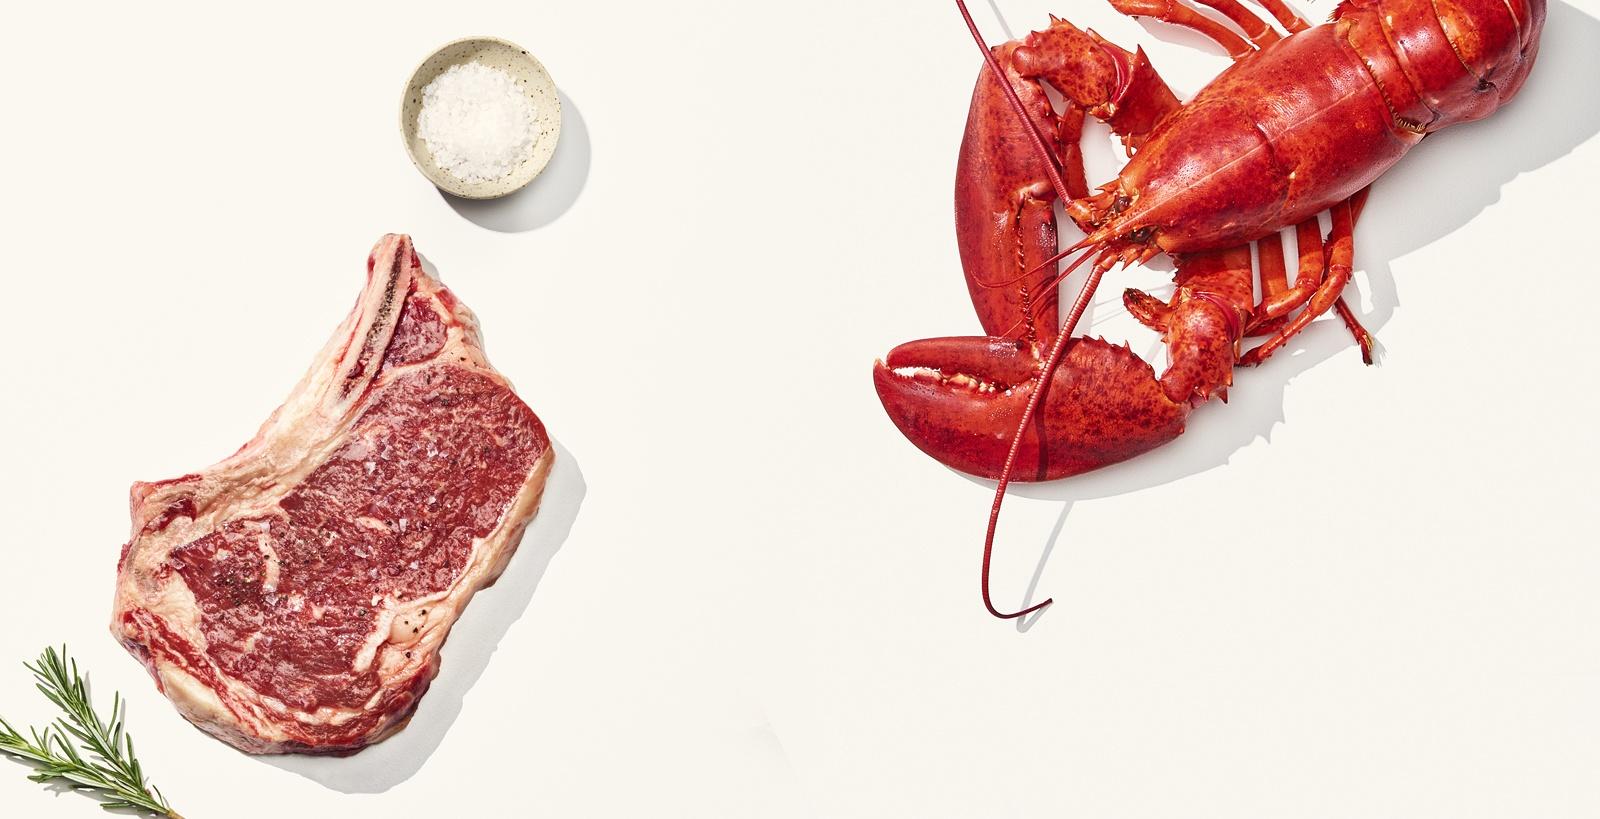 meat-seafood-lead-large1234-1.jpg